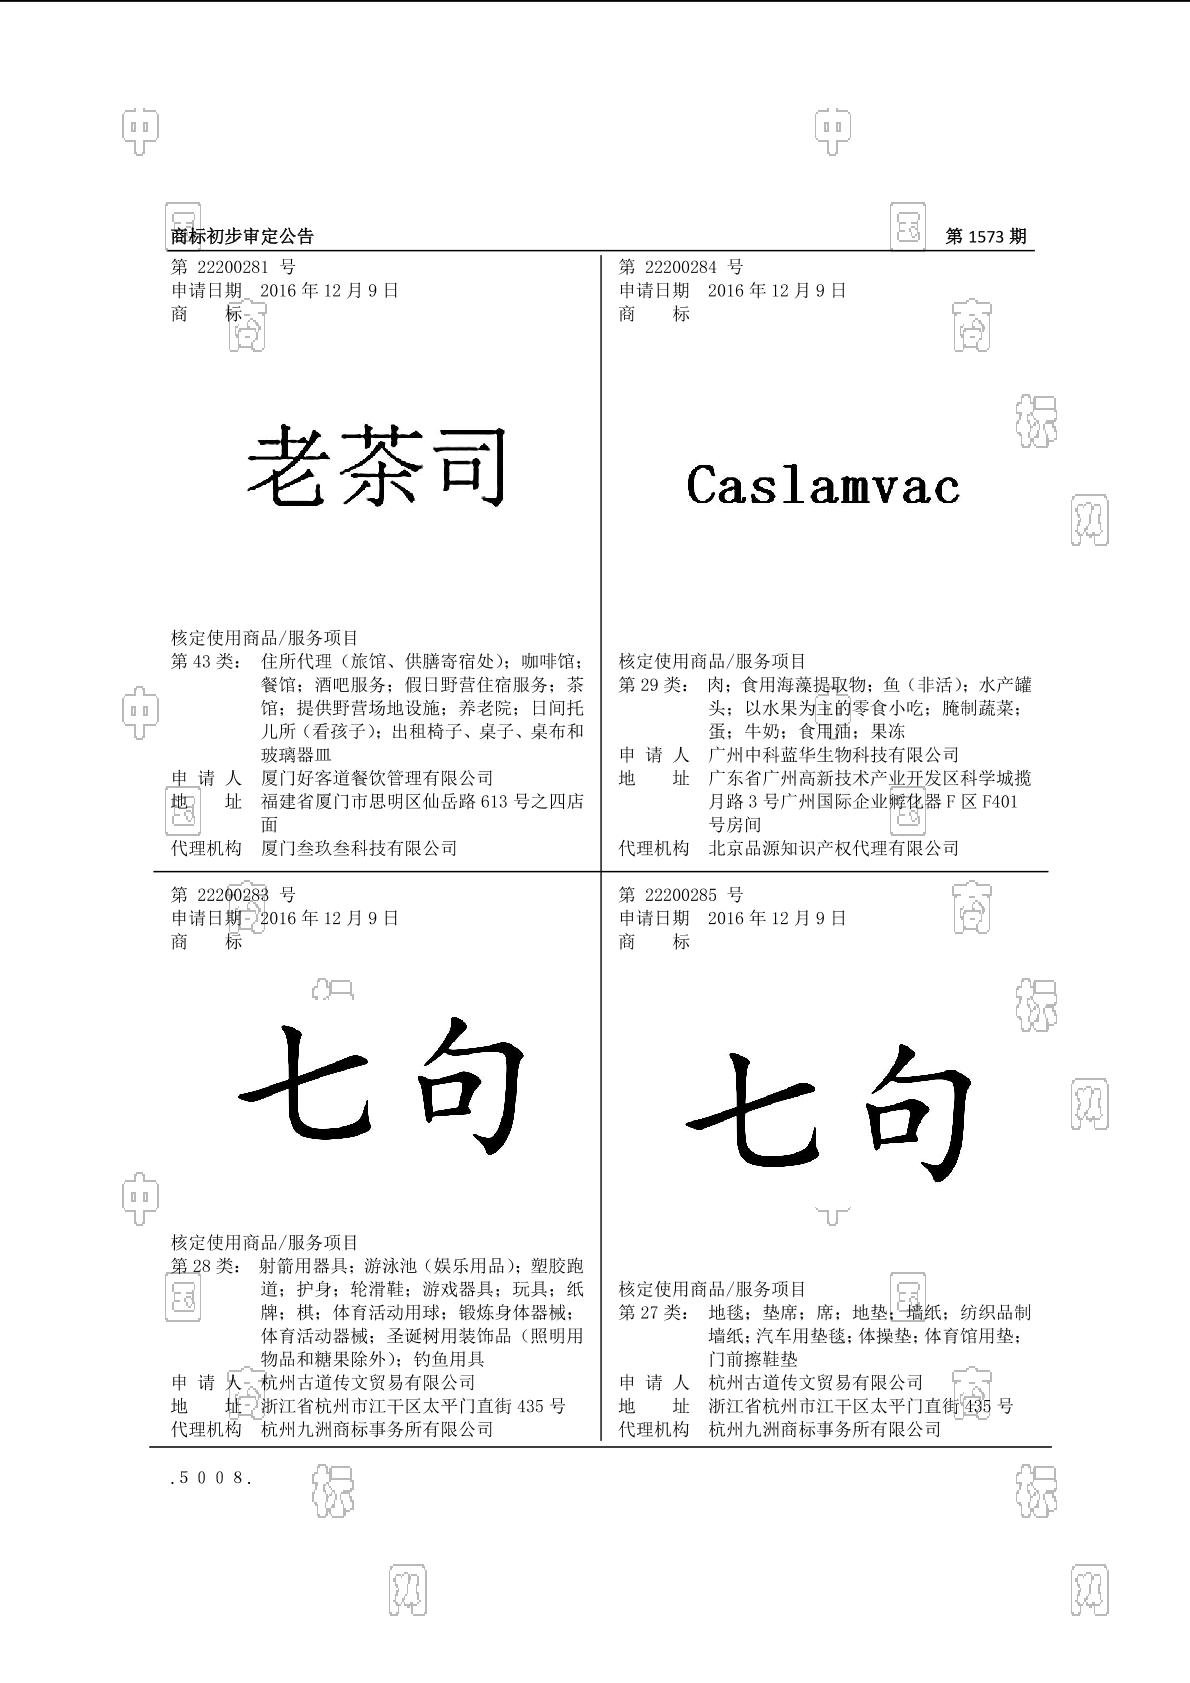 【社标网】CASLAMVAC商标状态注册号信息 广州中科蓝华生物科技有限公司商标信息-商标查询